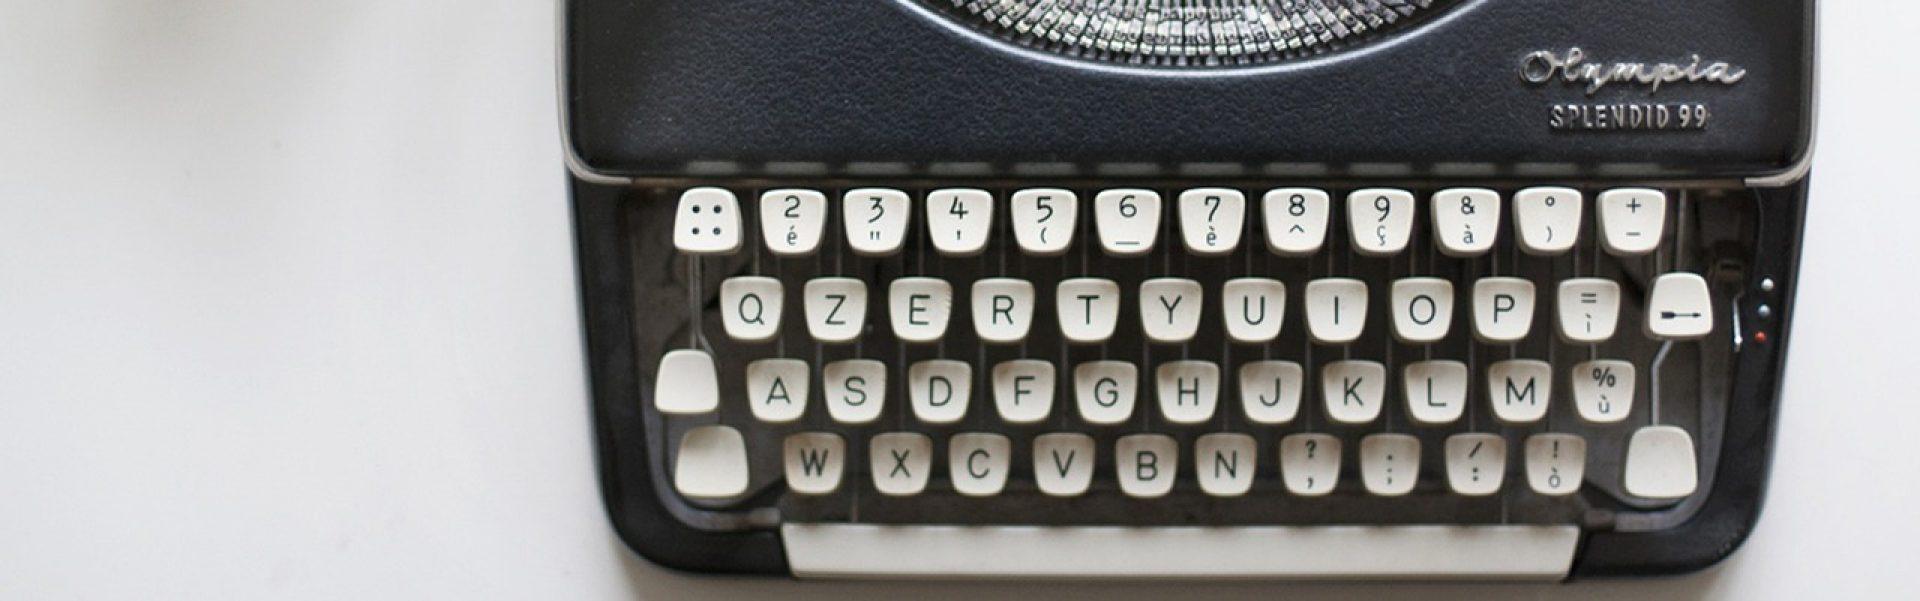 Escritor Publicado